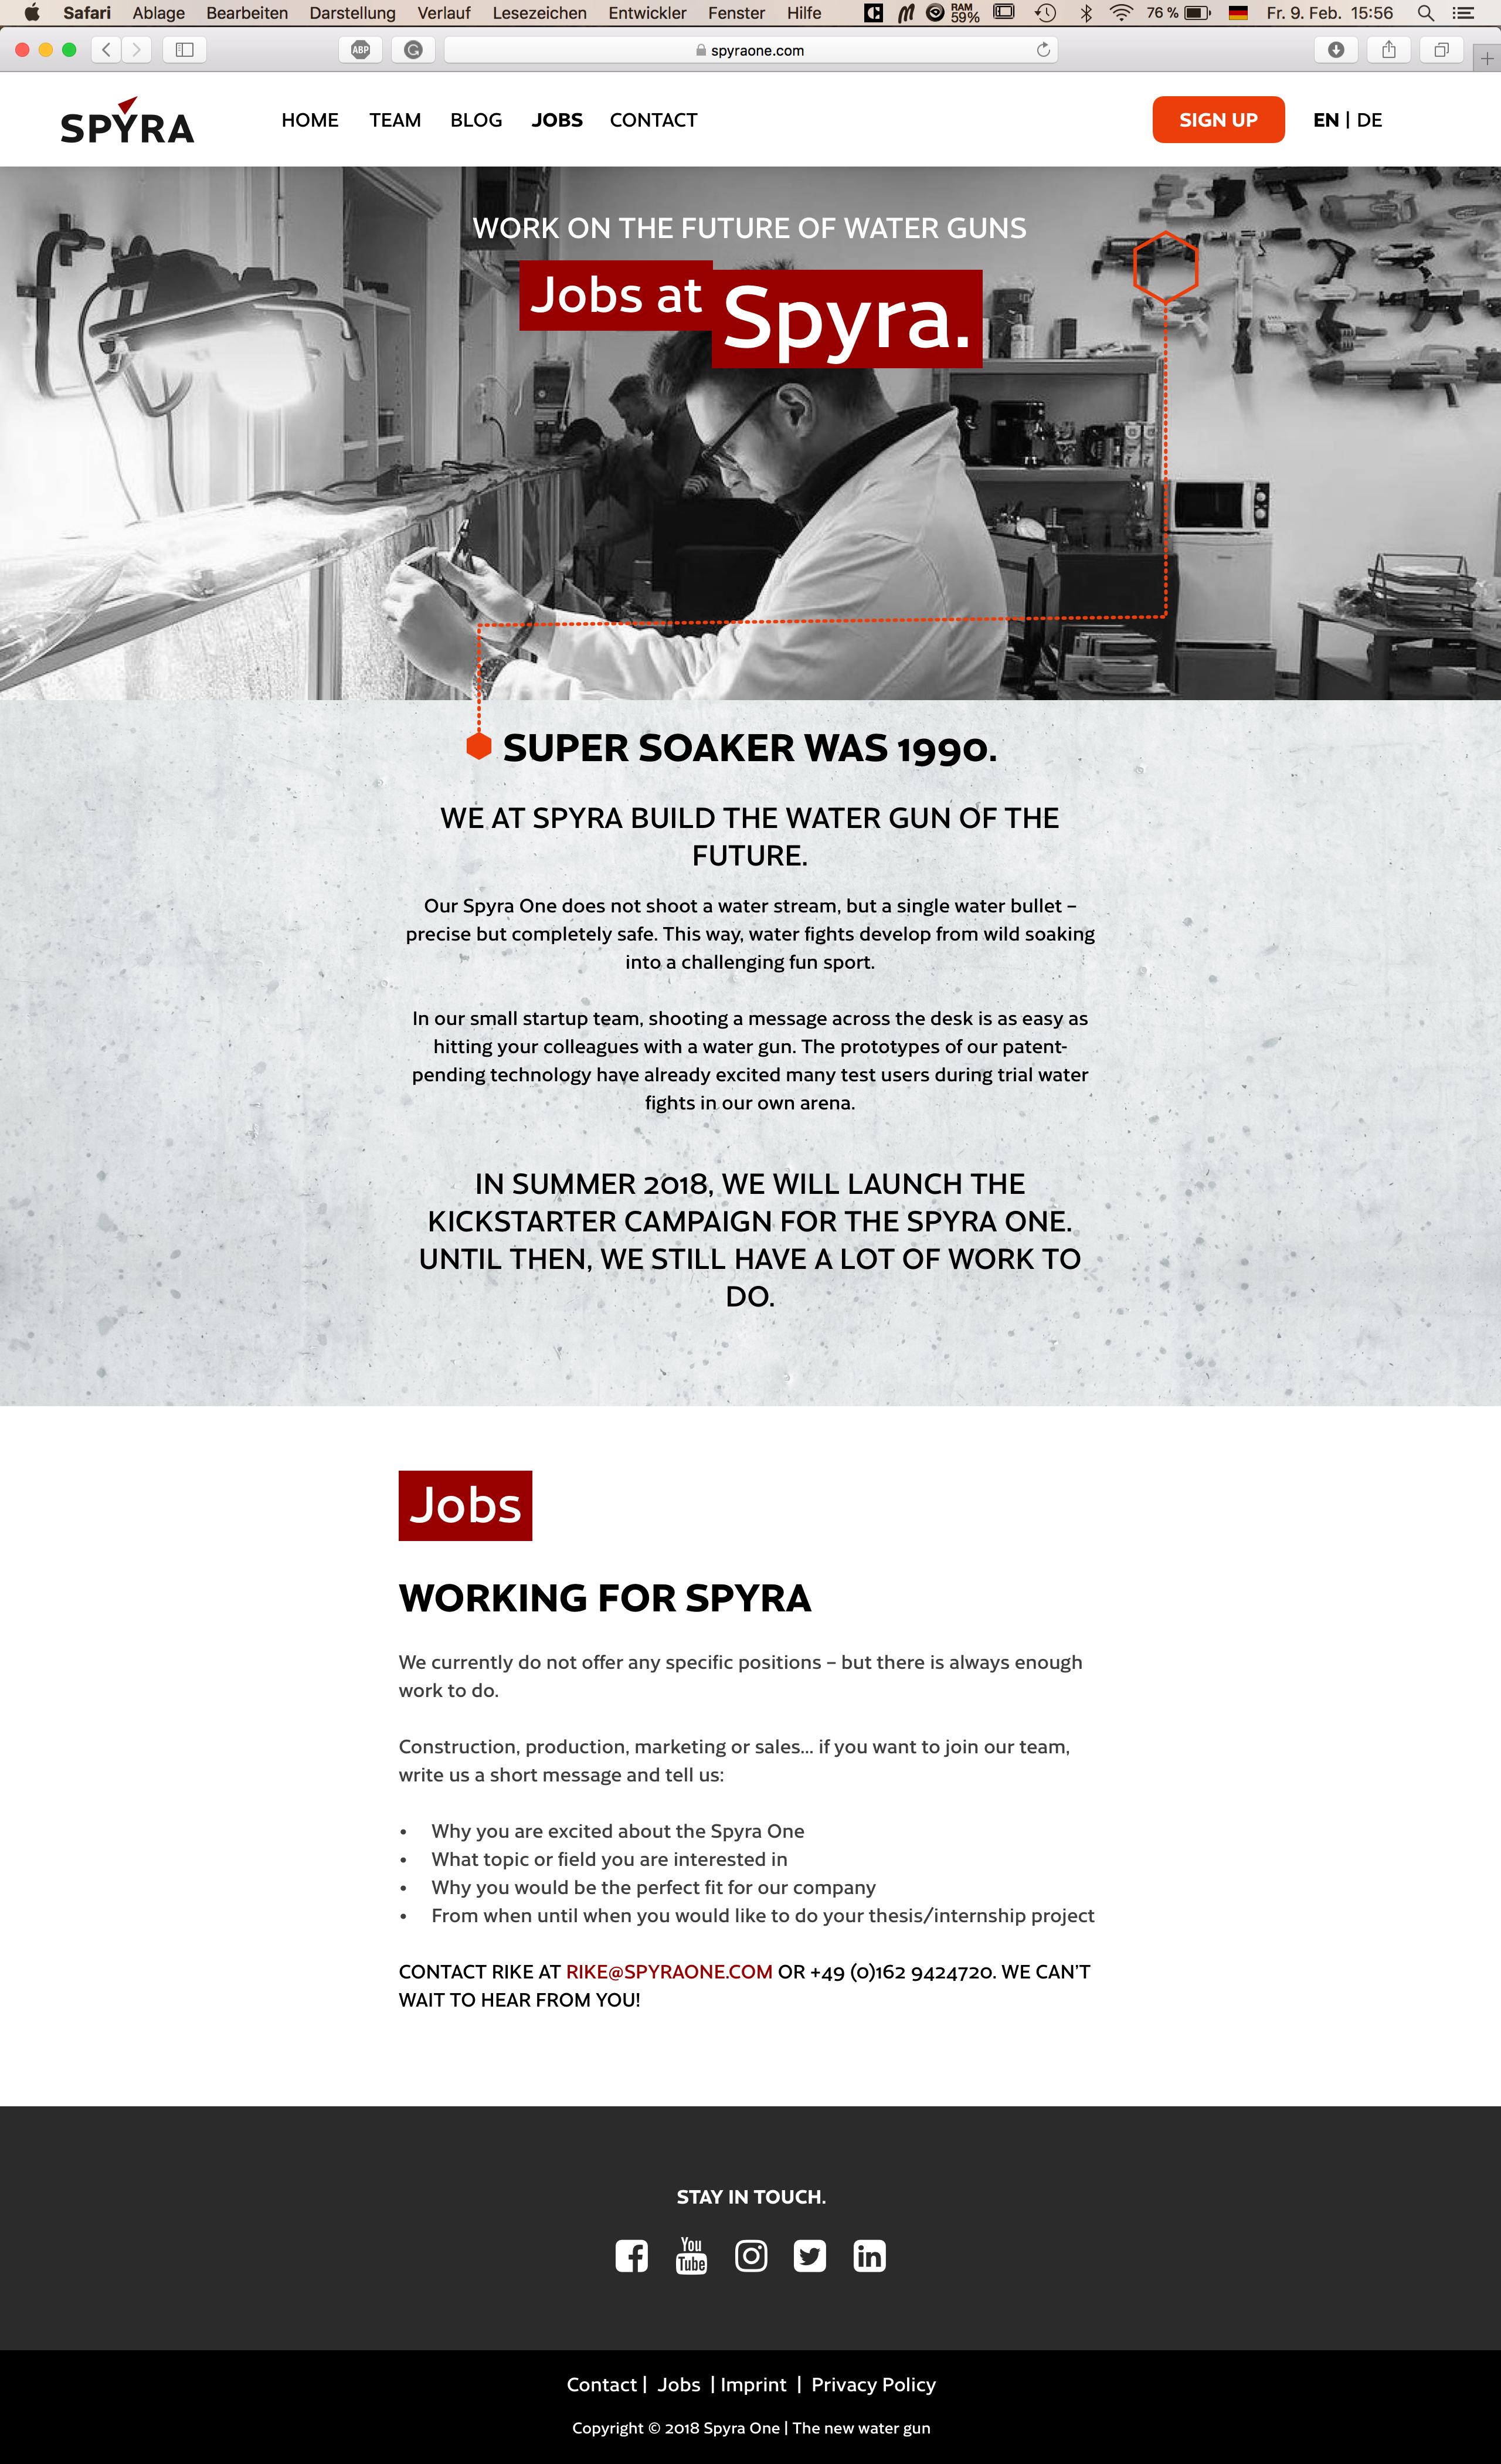 SPYRA-Website-JOBS Desktop | SPYRA Website | Zeplin Scene